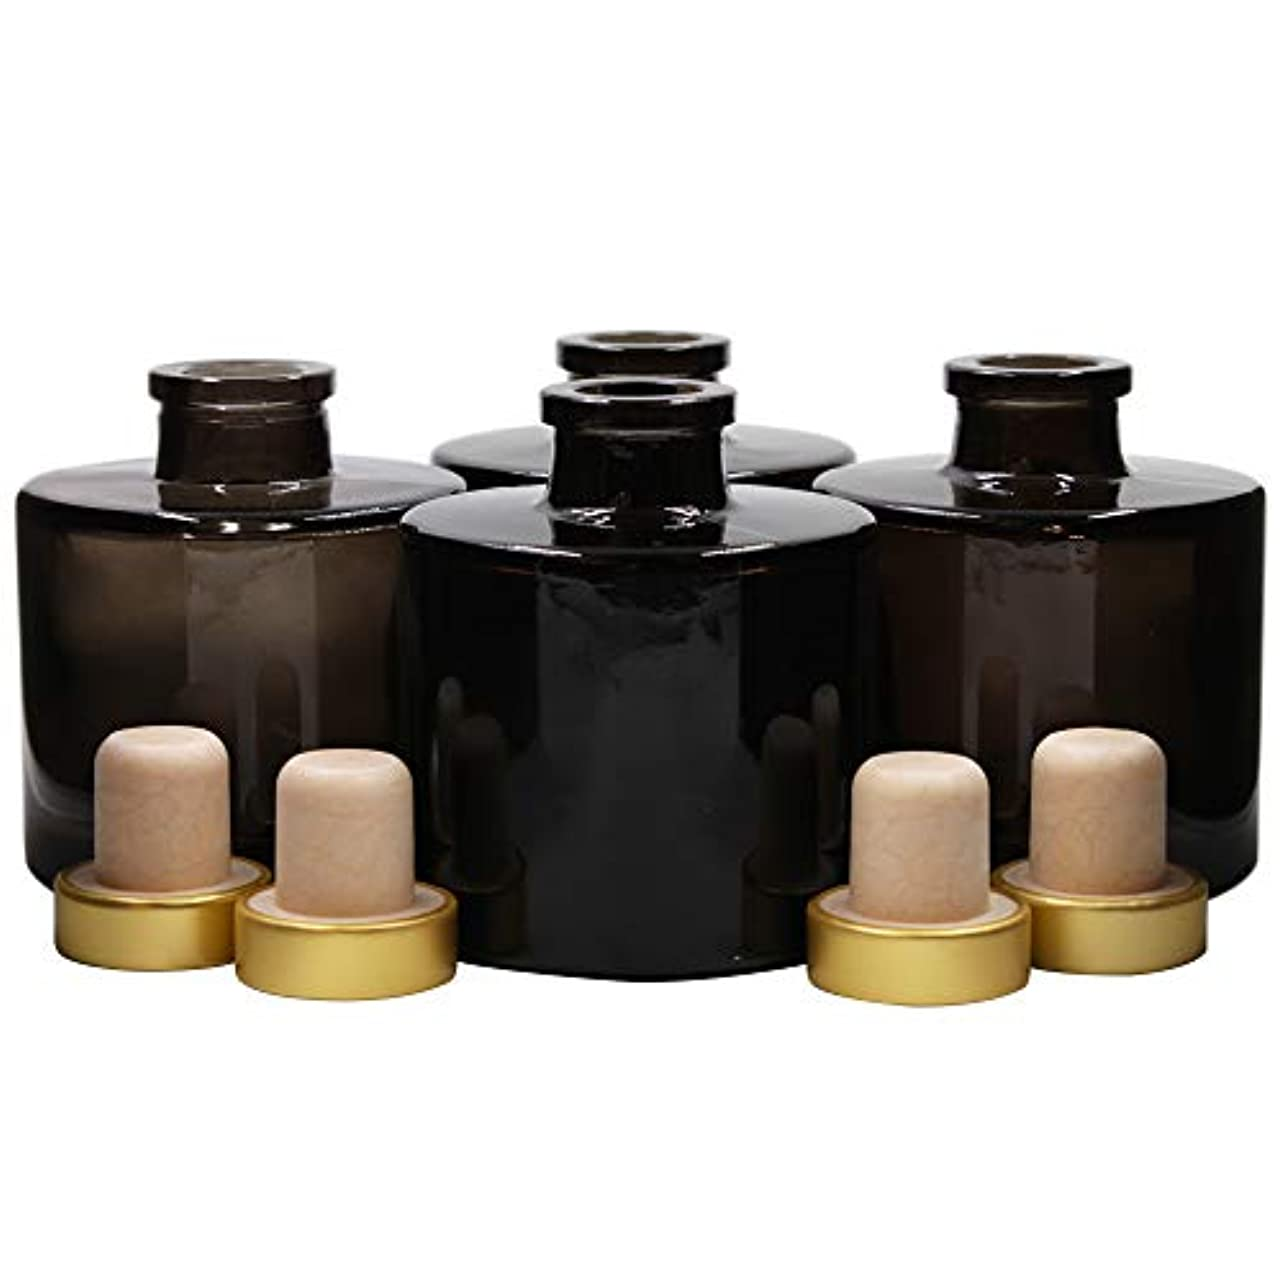 息を切らして報酬モーテルFeel Fragrance リードディフューザー用 リードディフューザーボトル 容器 黒色 蓋付き 4本セット (100ML円形)